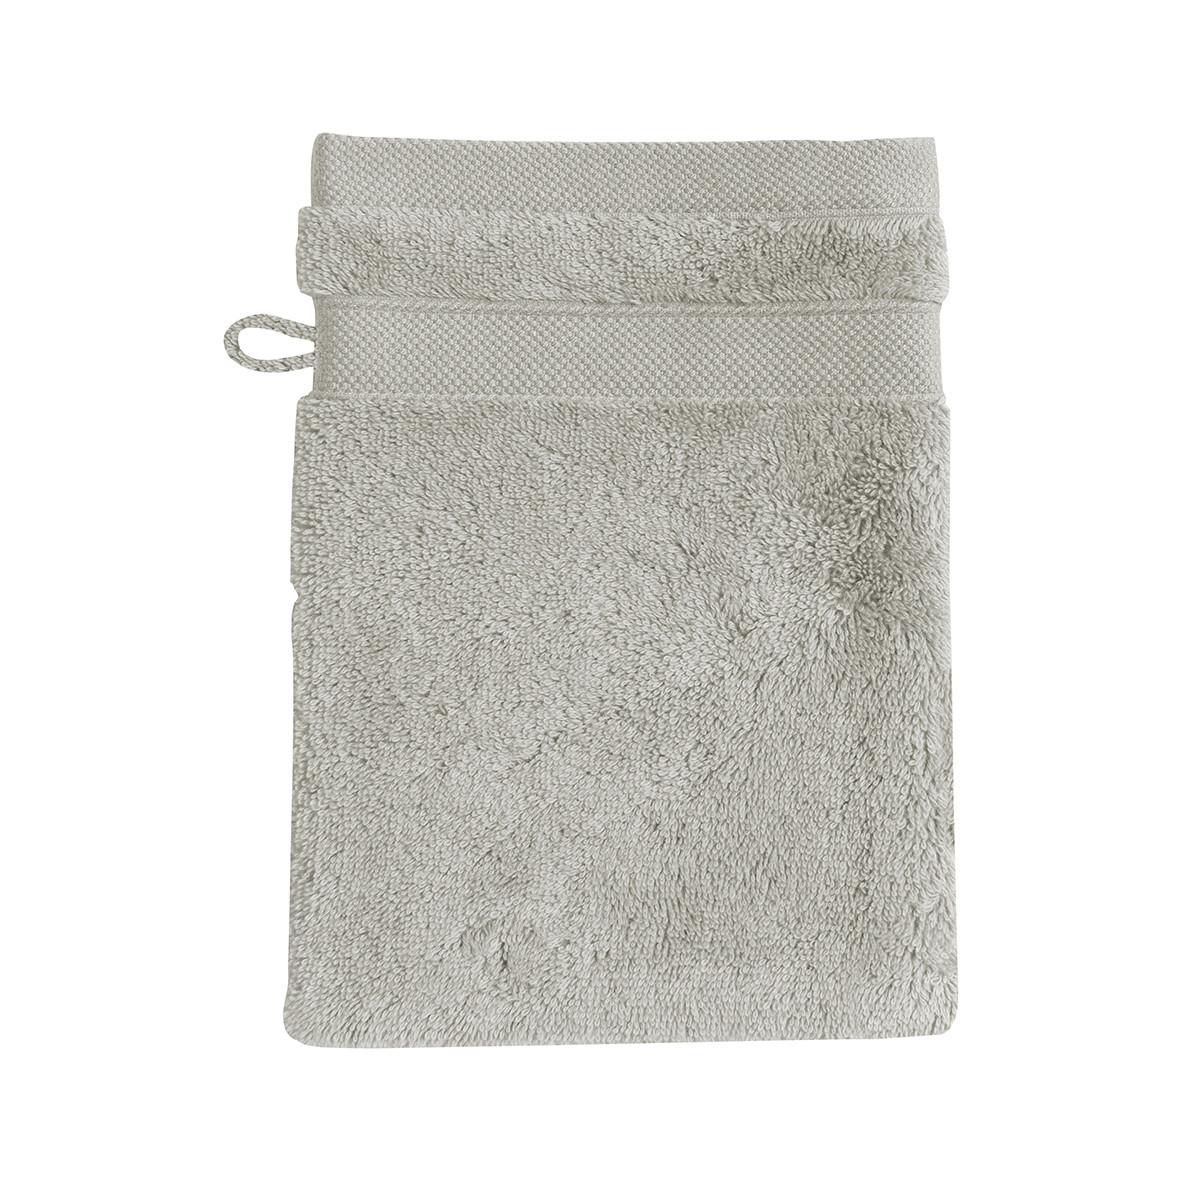 Gant de toilette coton 16x22 cm nuage